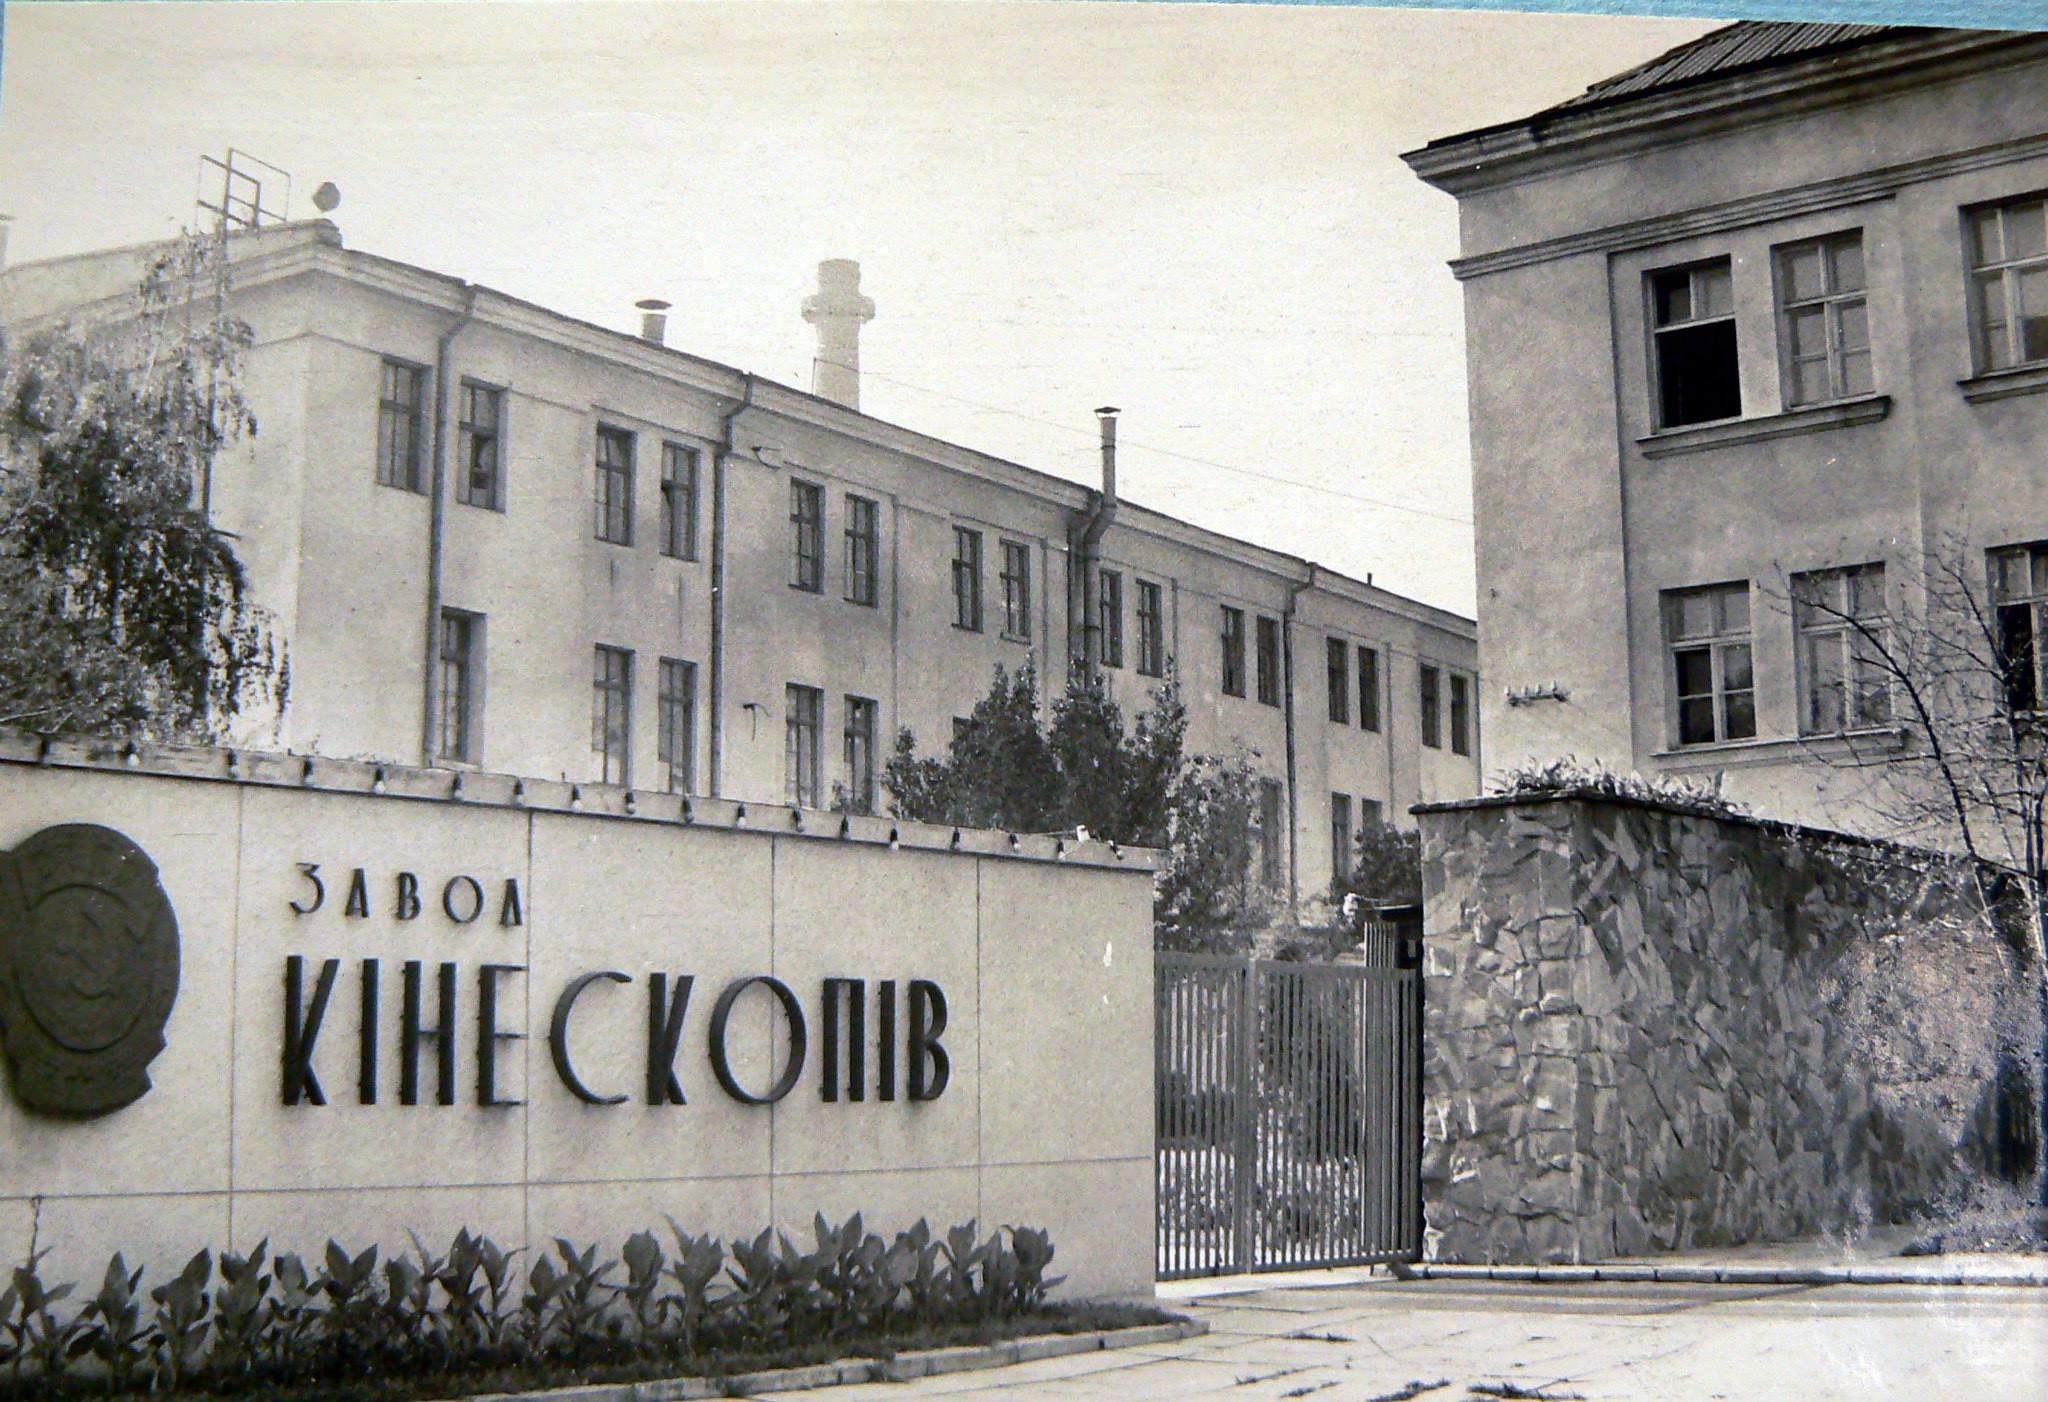 У Львові збережуть мозаїку на будівлі заводу «Кінескопі»